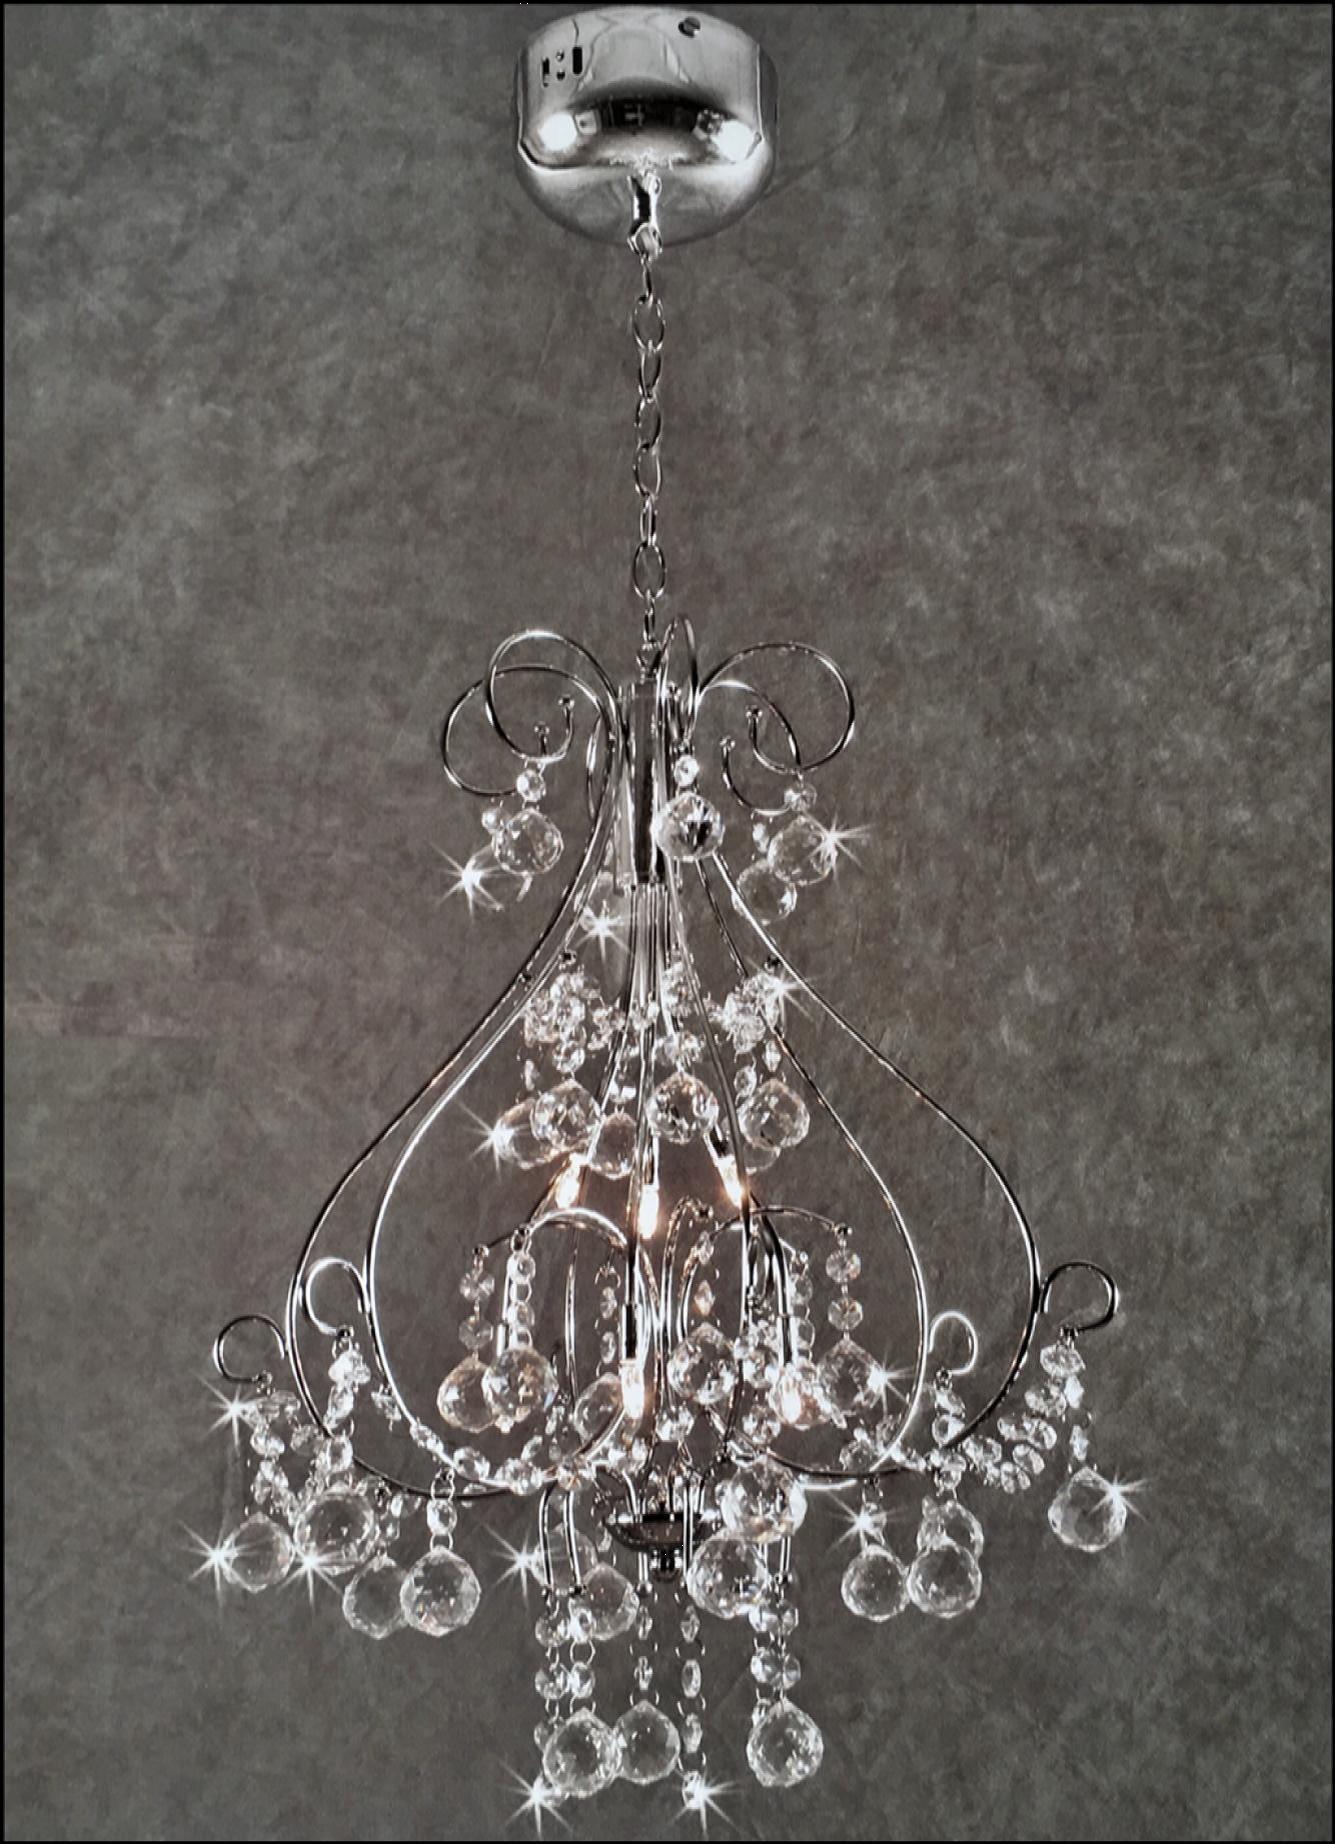 Lampadario Gocce Cristallo Moderni.Sospensione Lampada Soggiorno Camera Sfere E Gocce In Cristallo Metallo